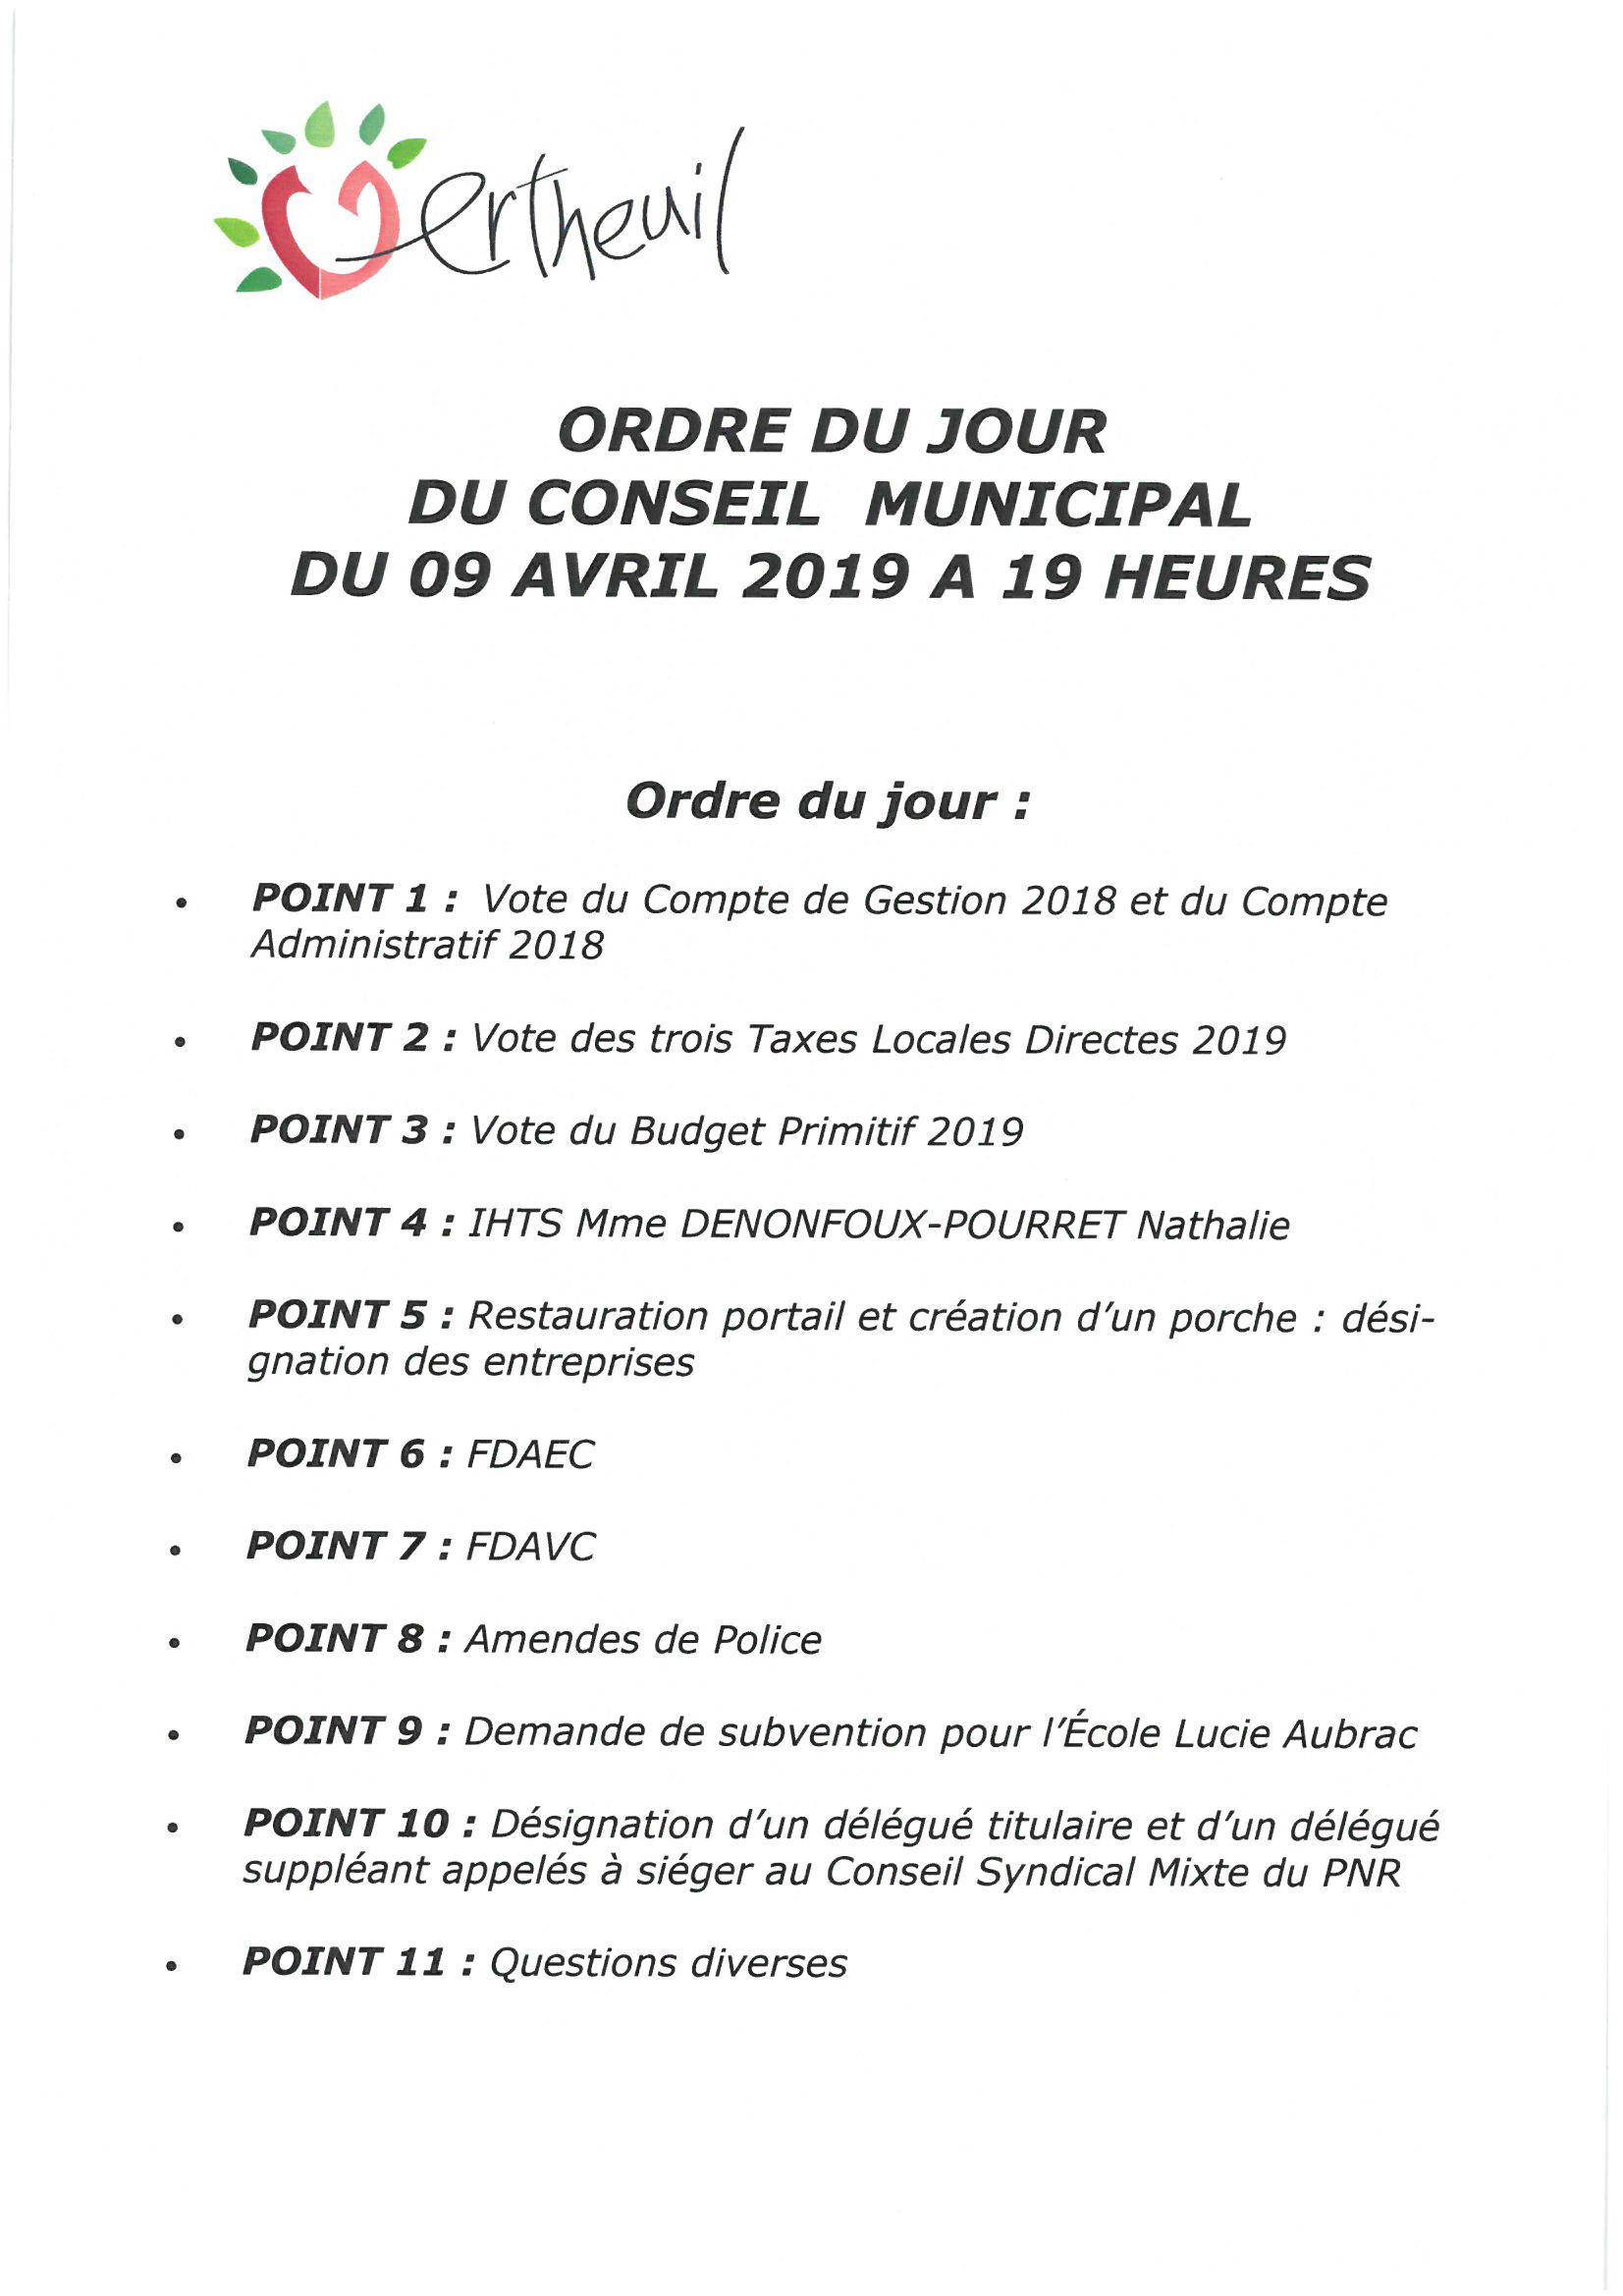 ORDRE DU JOUR DU CONSEIL  MUNICIPAL  DU 9 AVRIL 2019 A 19 HEURES